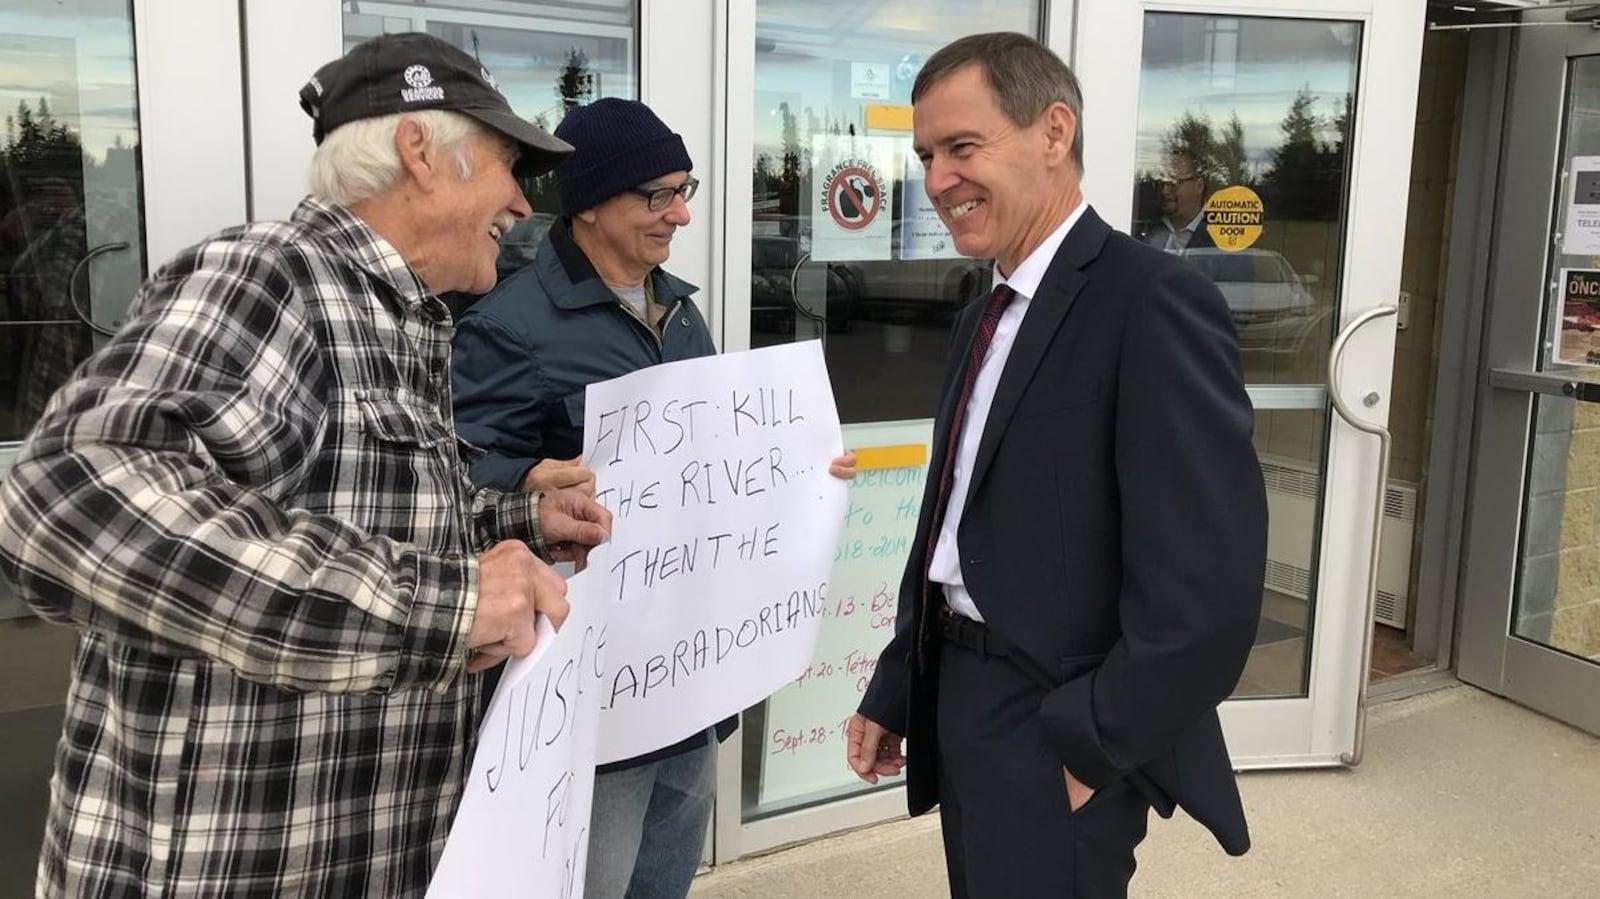 Le juge Richard LeBlanc converse avec deux manifestants devant le Centre Lawrence O'Brien, le 17 septembre 2018 à Happy Valley-Goose Bay, au Labrador.